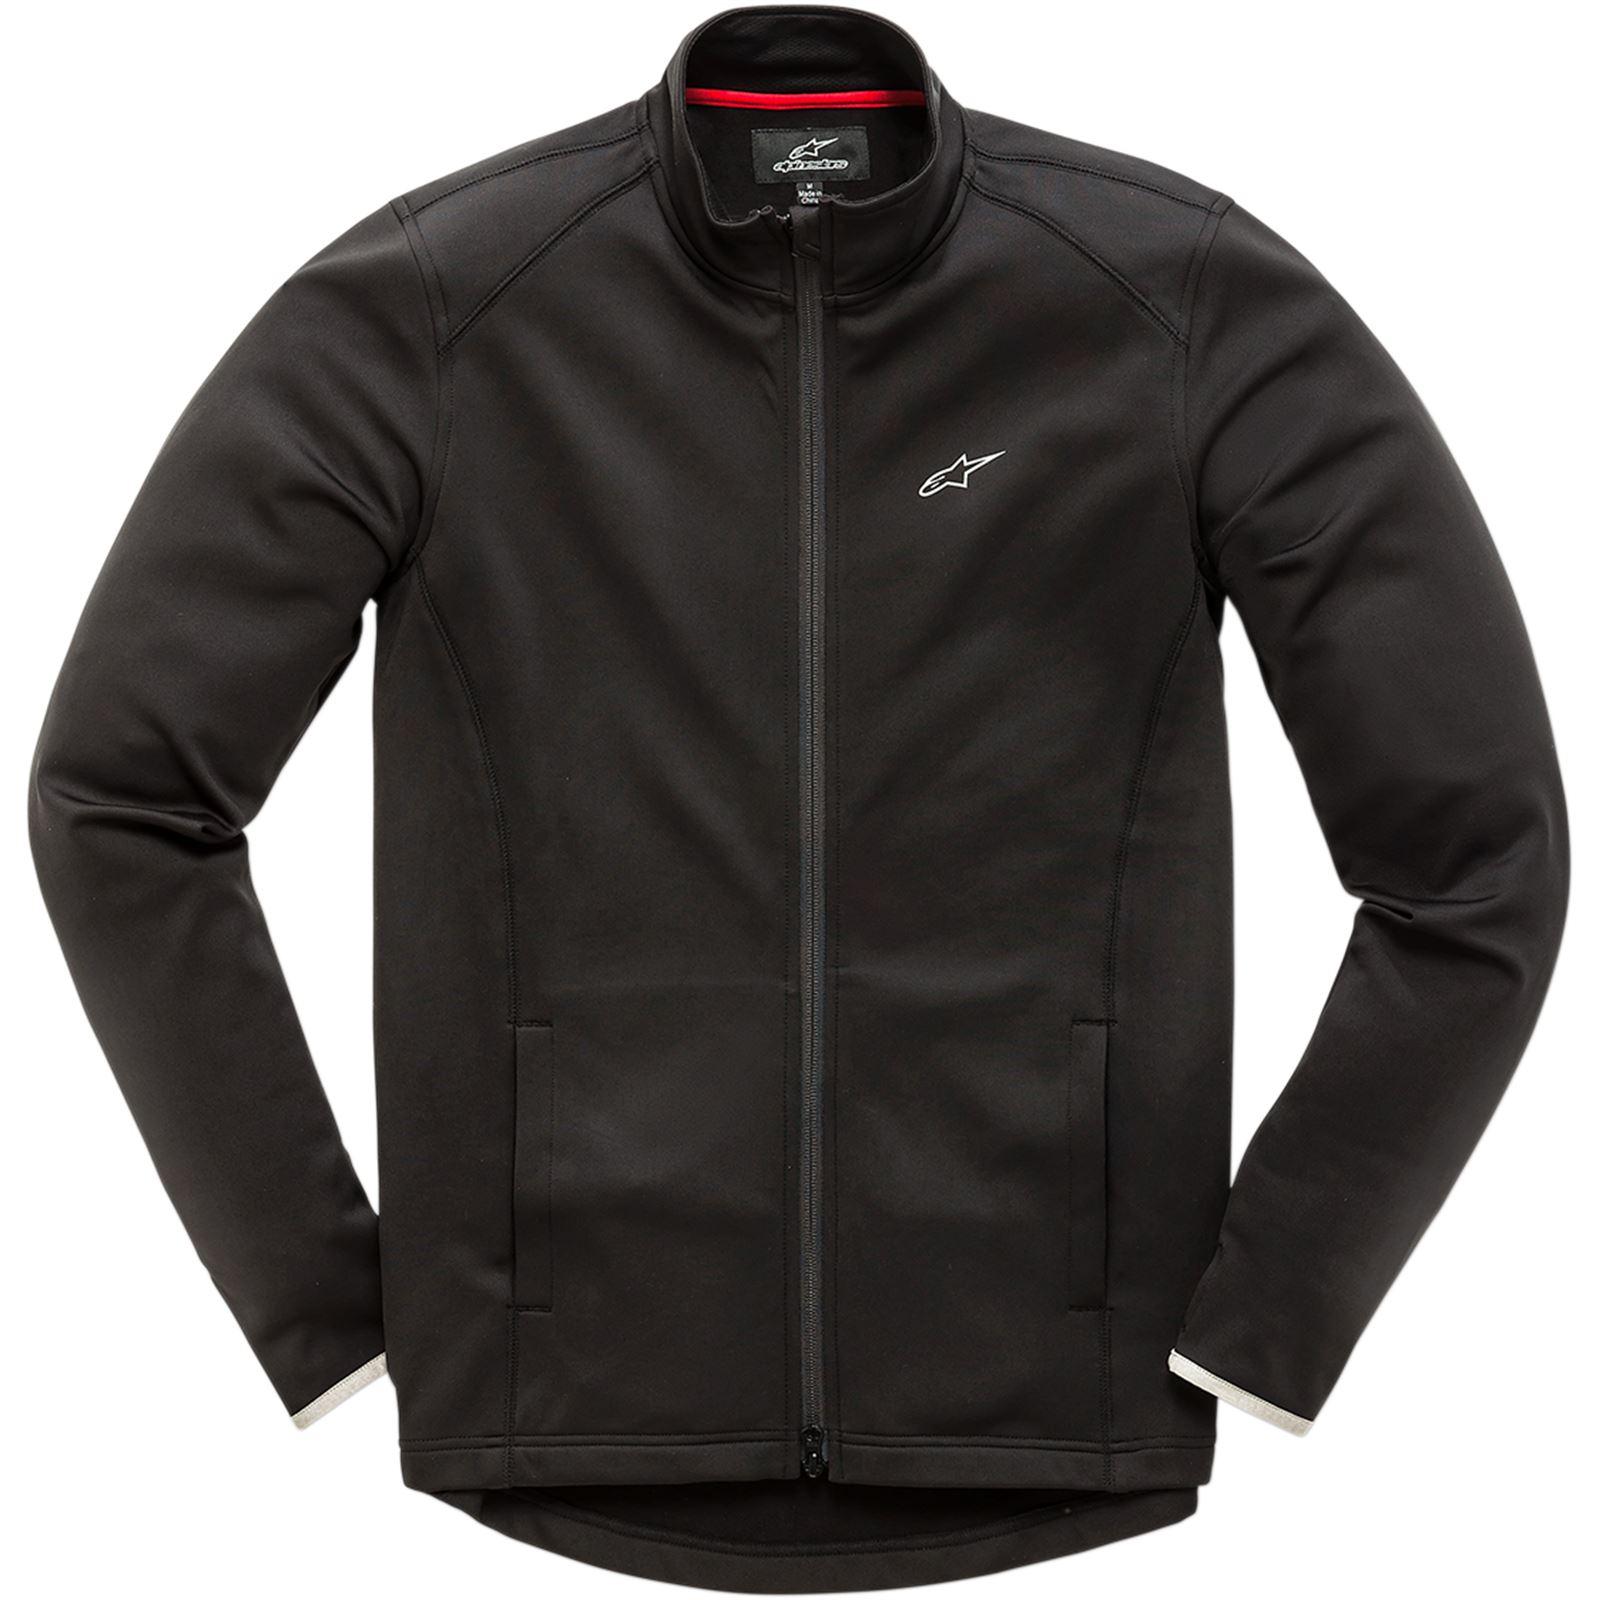 Alpinestars Purpose Mid-Layer Jacket - Black - Large